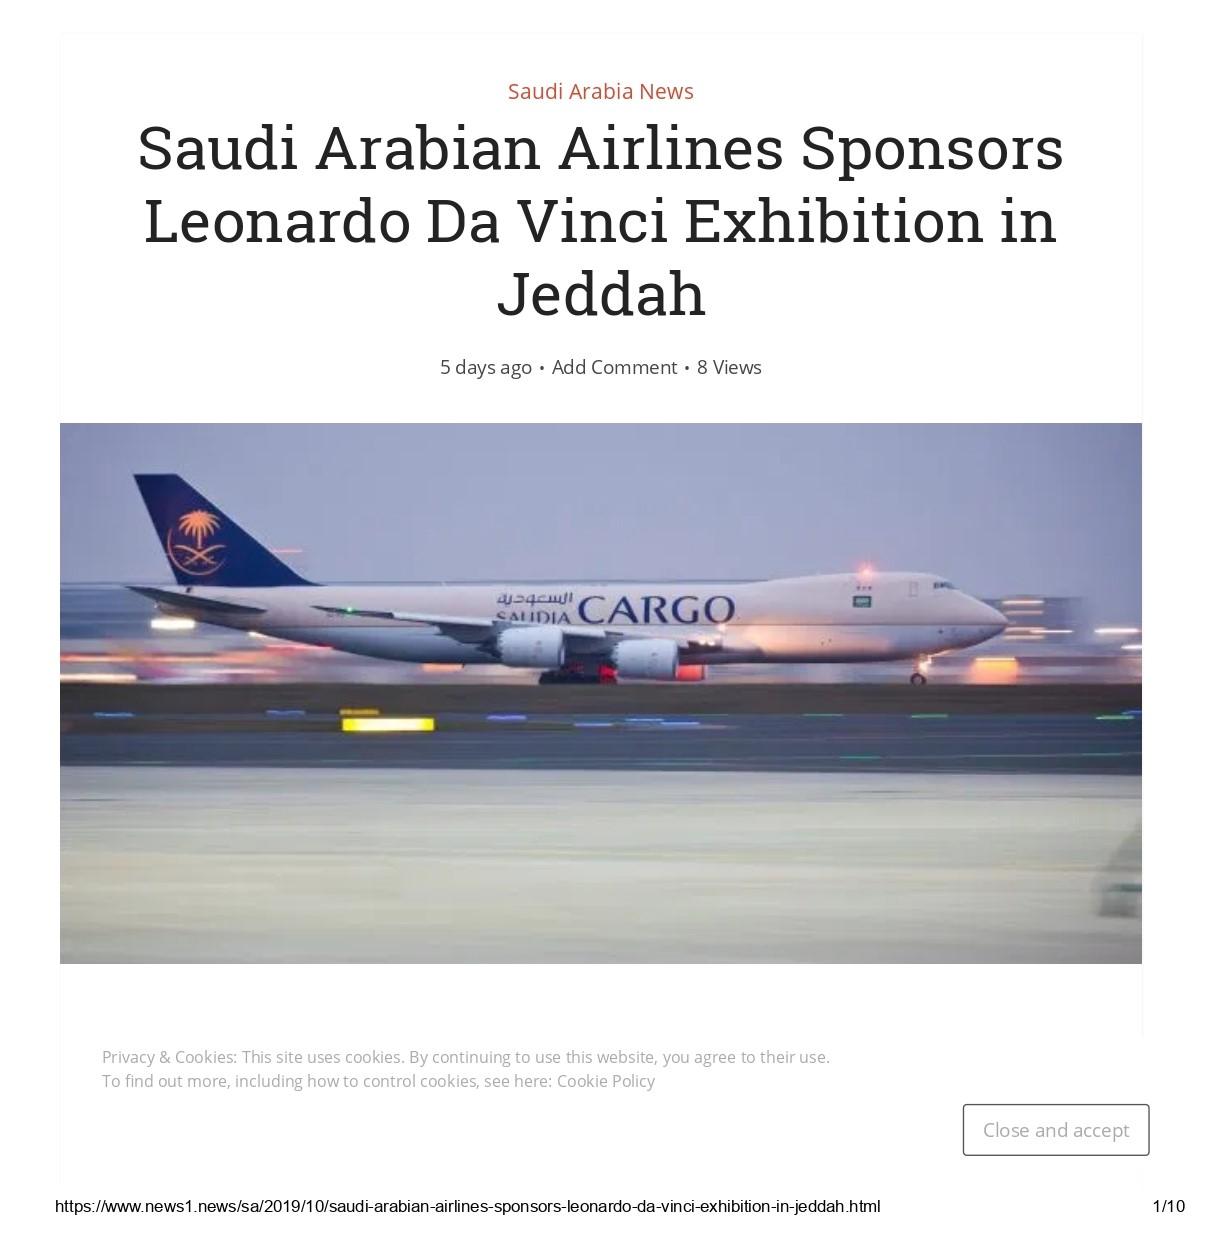 Saudi Arabian Airlines Sponsors Leonardo Da Vinci Exhibition in Jeddah